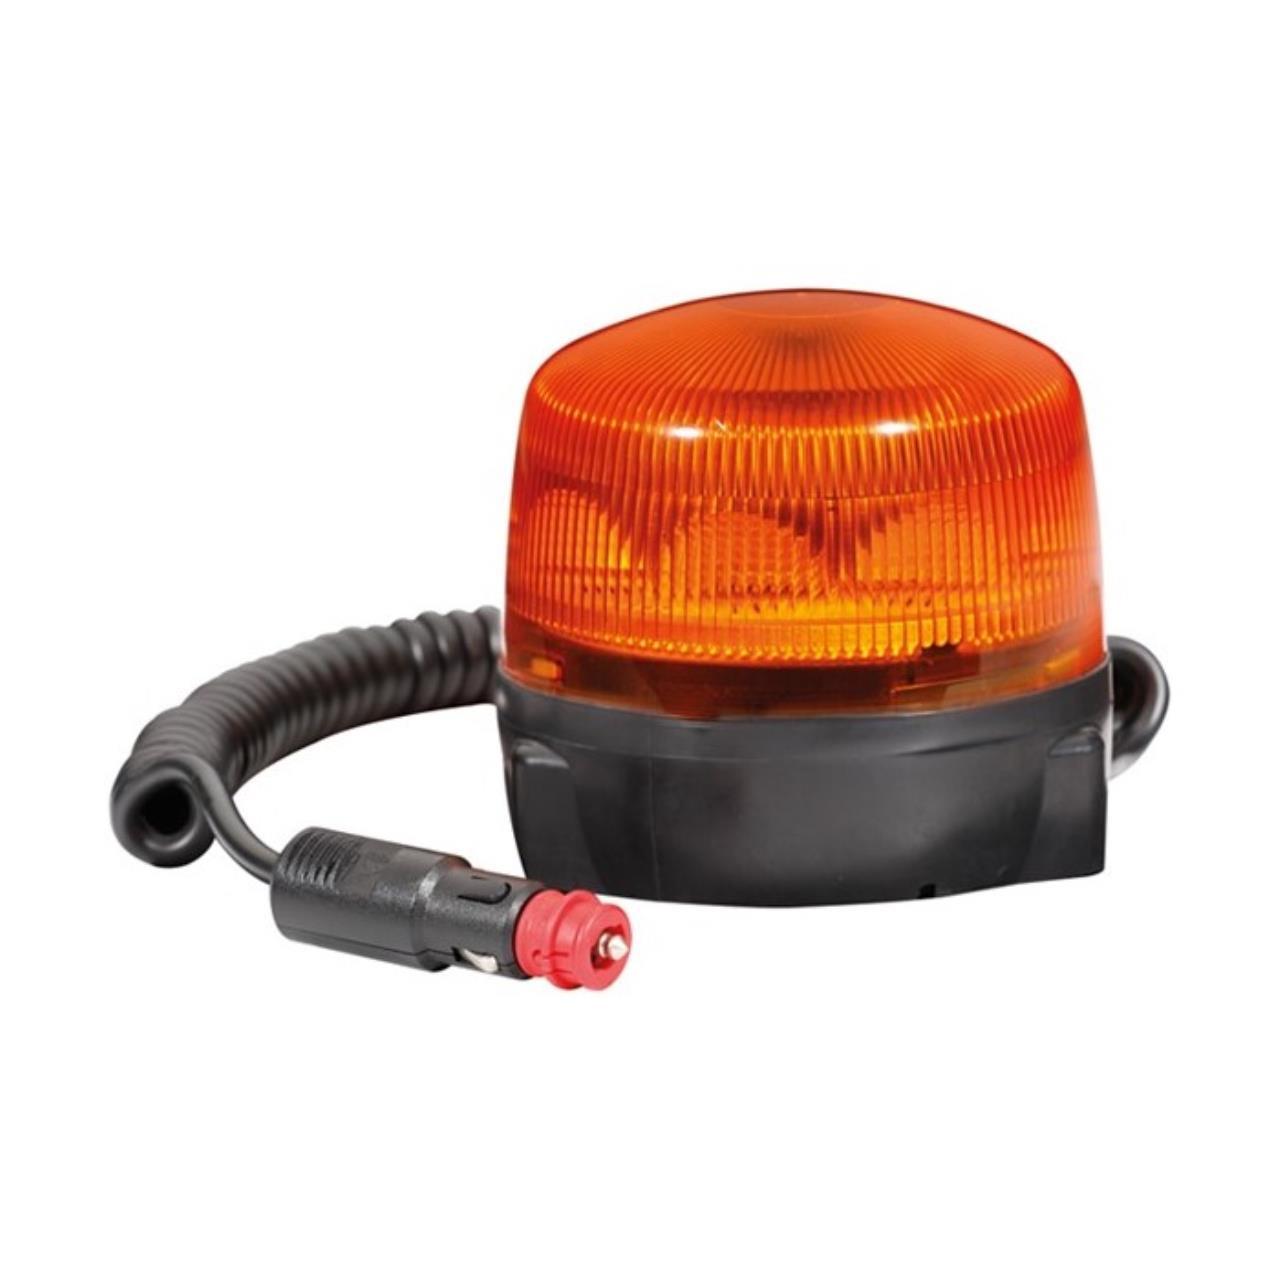 Hella Rota-led Adv. Blink magnet 10-32V